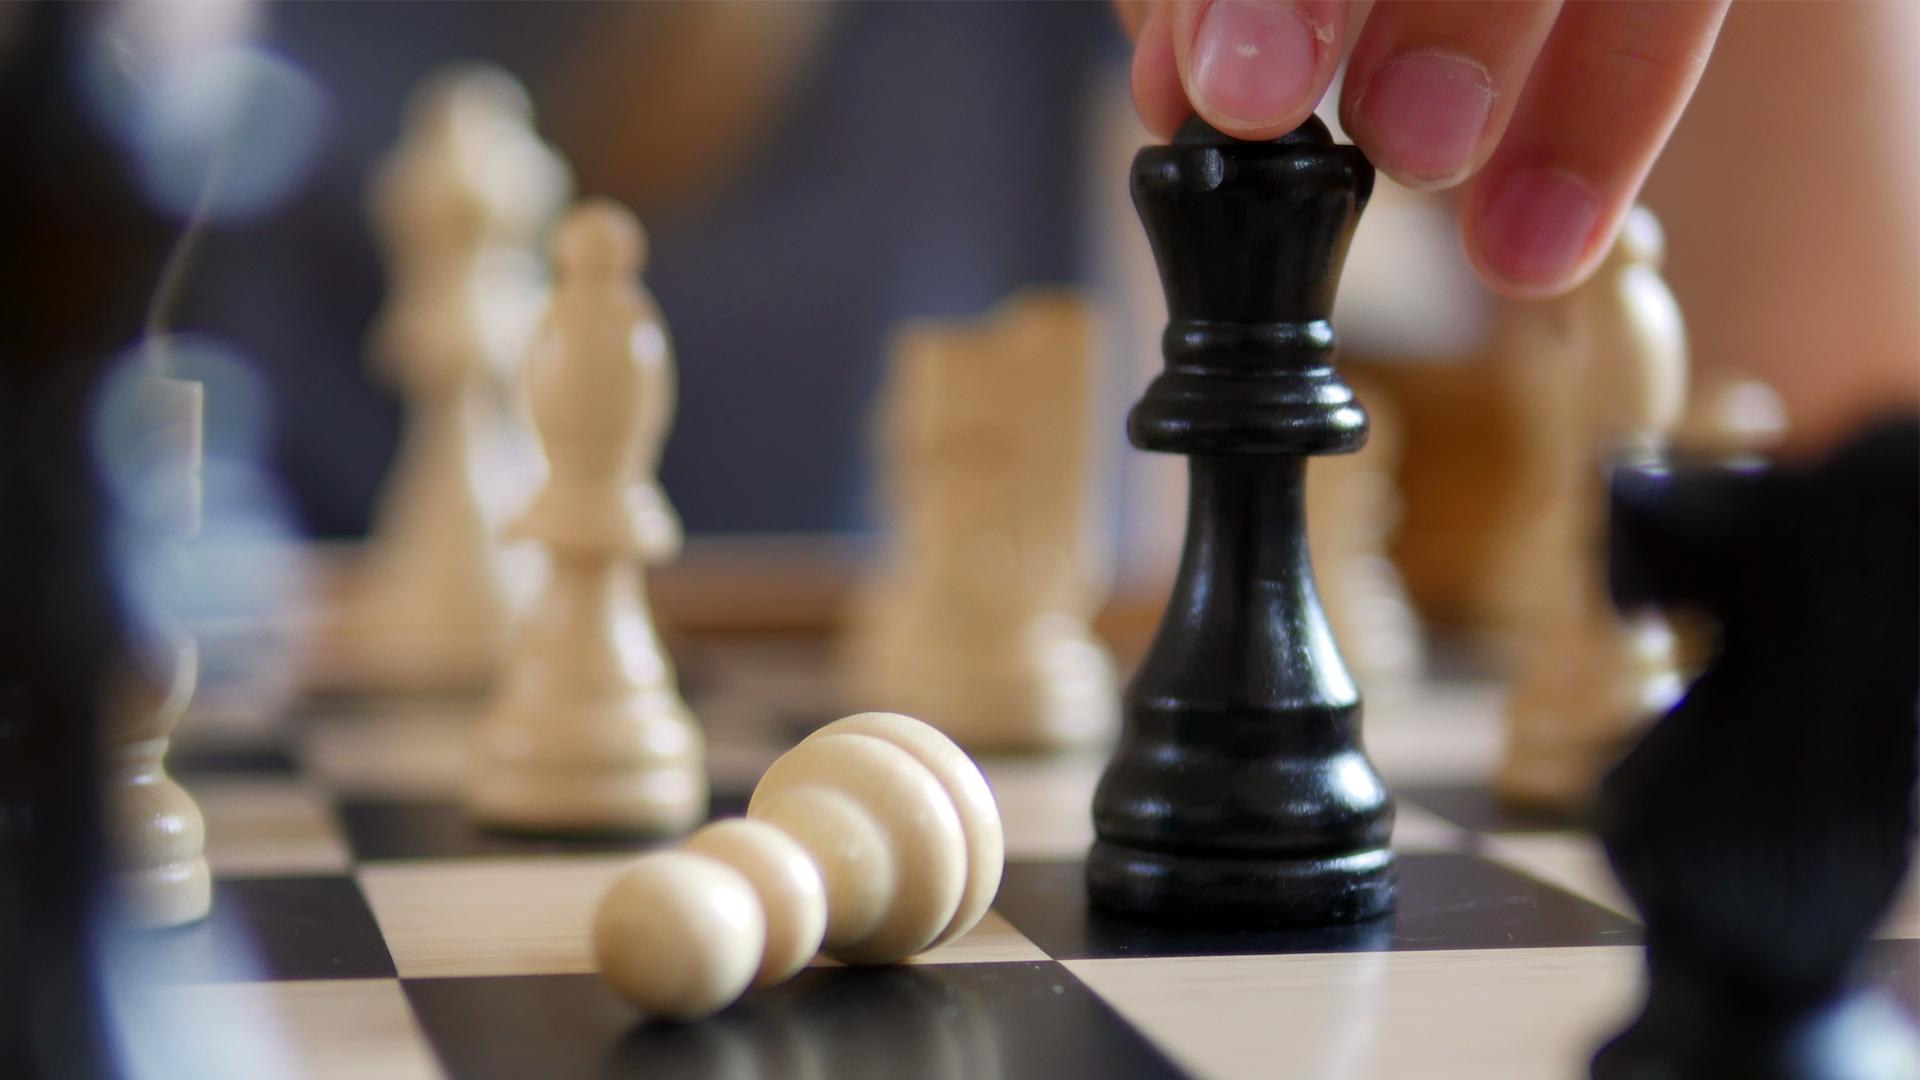 Afbeeldingsresultaat voor schaakspel